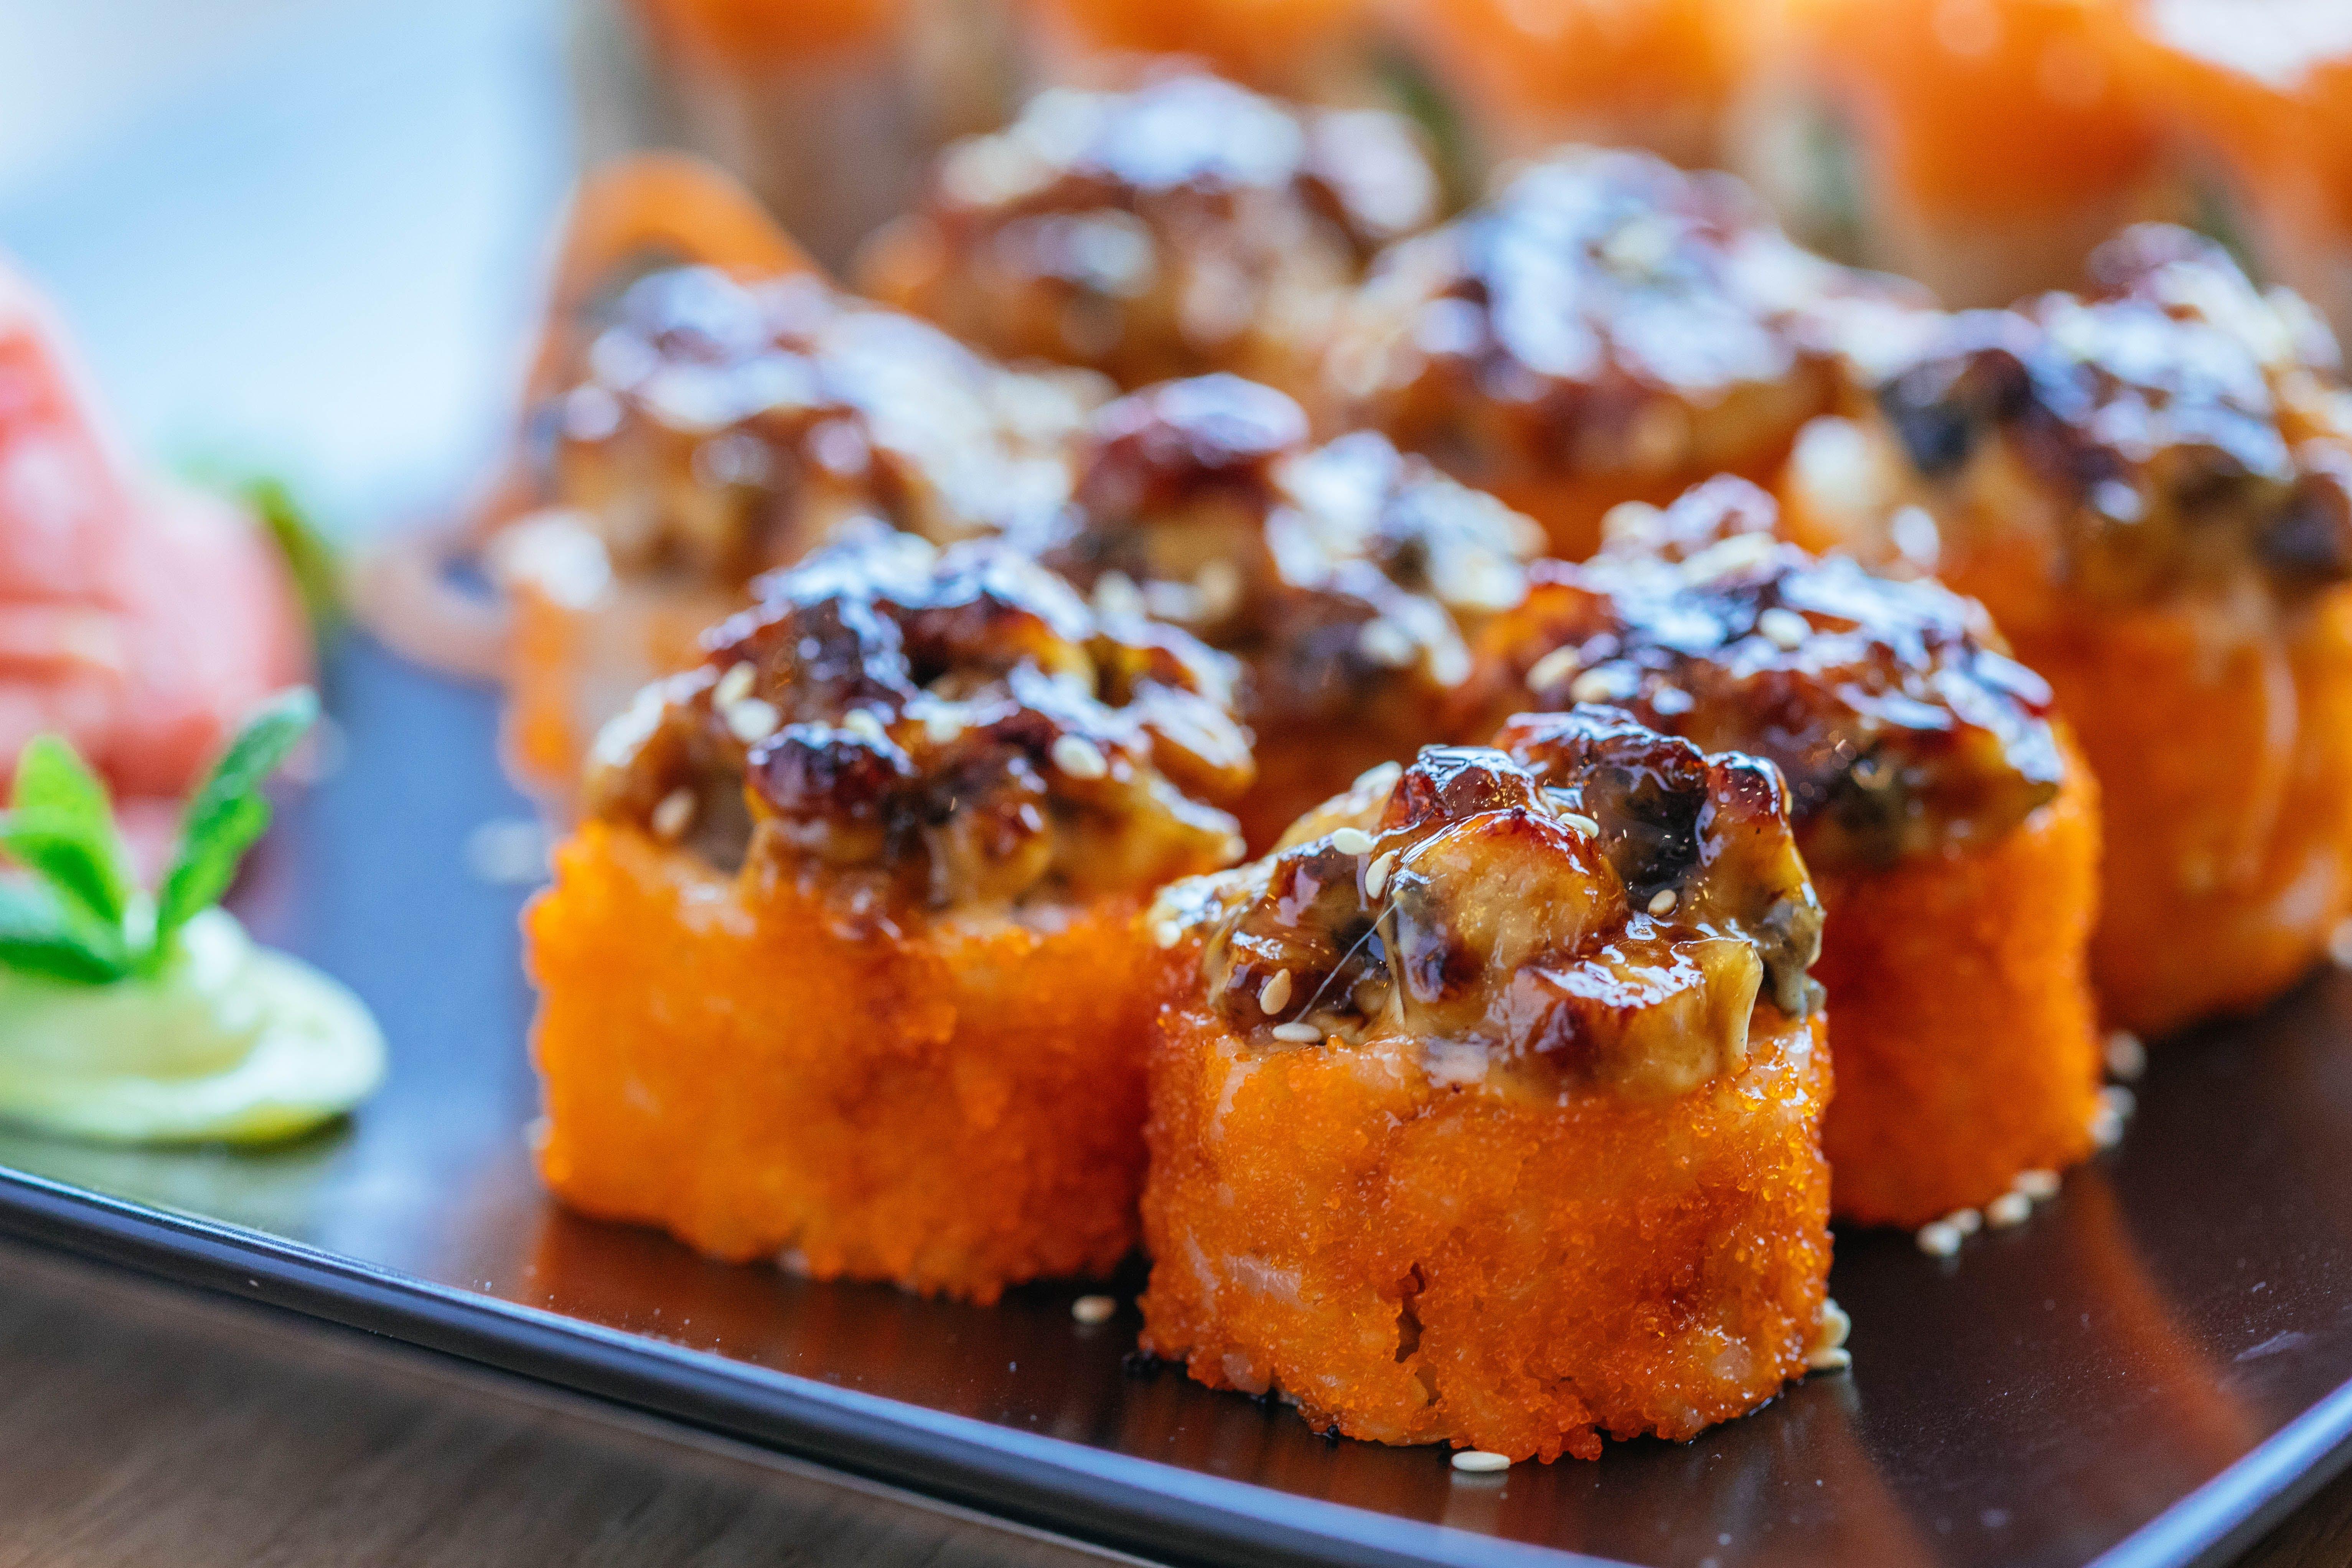 Fotos de stock gratuitas de apetecible, cocina, comida, delicioso